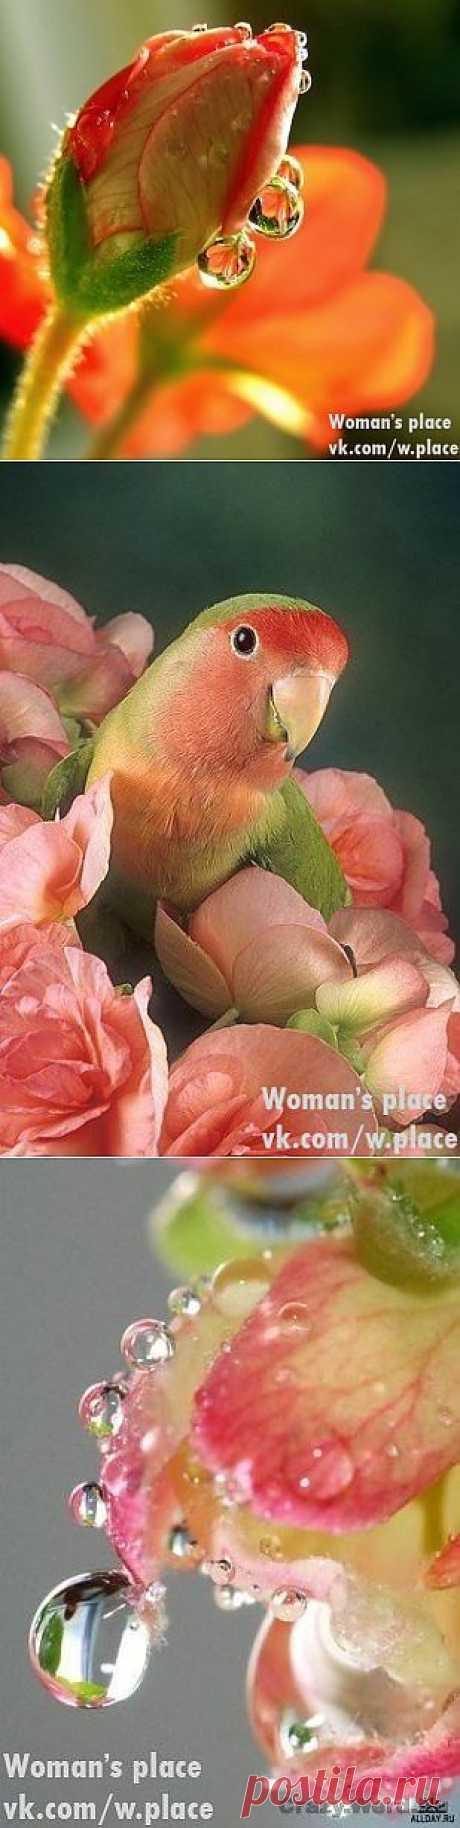 Woman's place|Прекрасная женщина, лучшая хозяйка